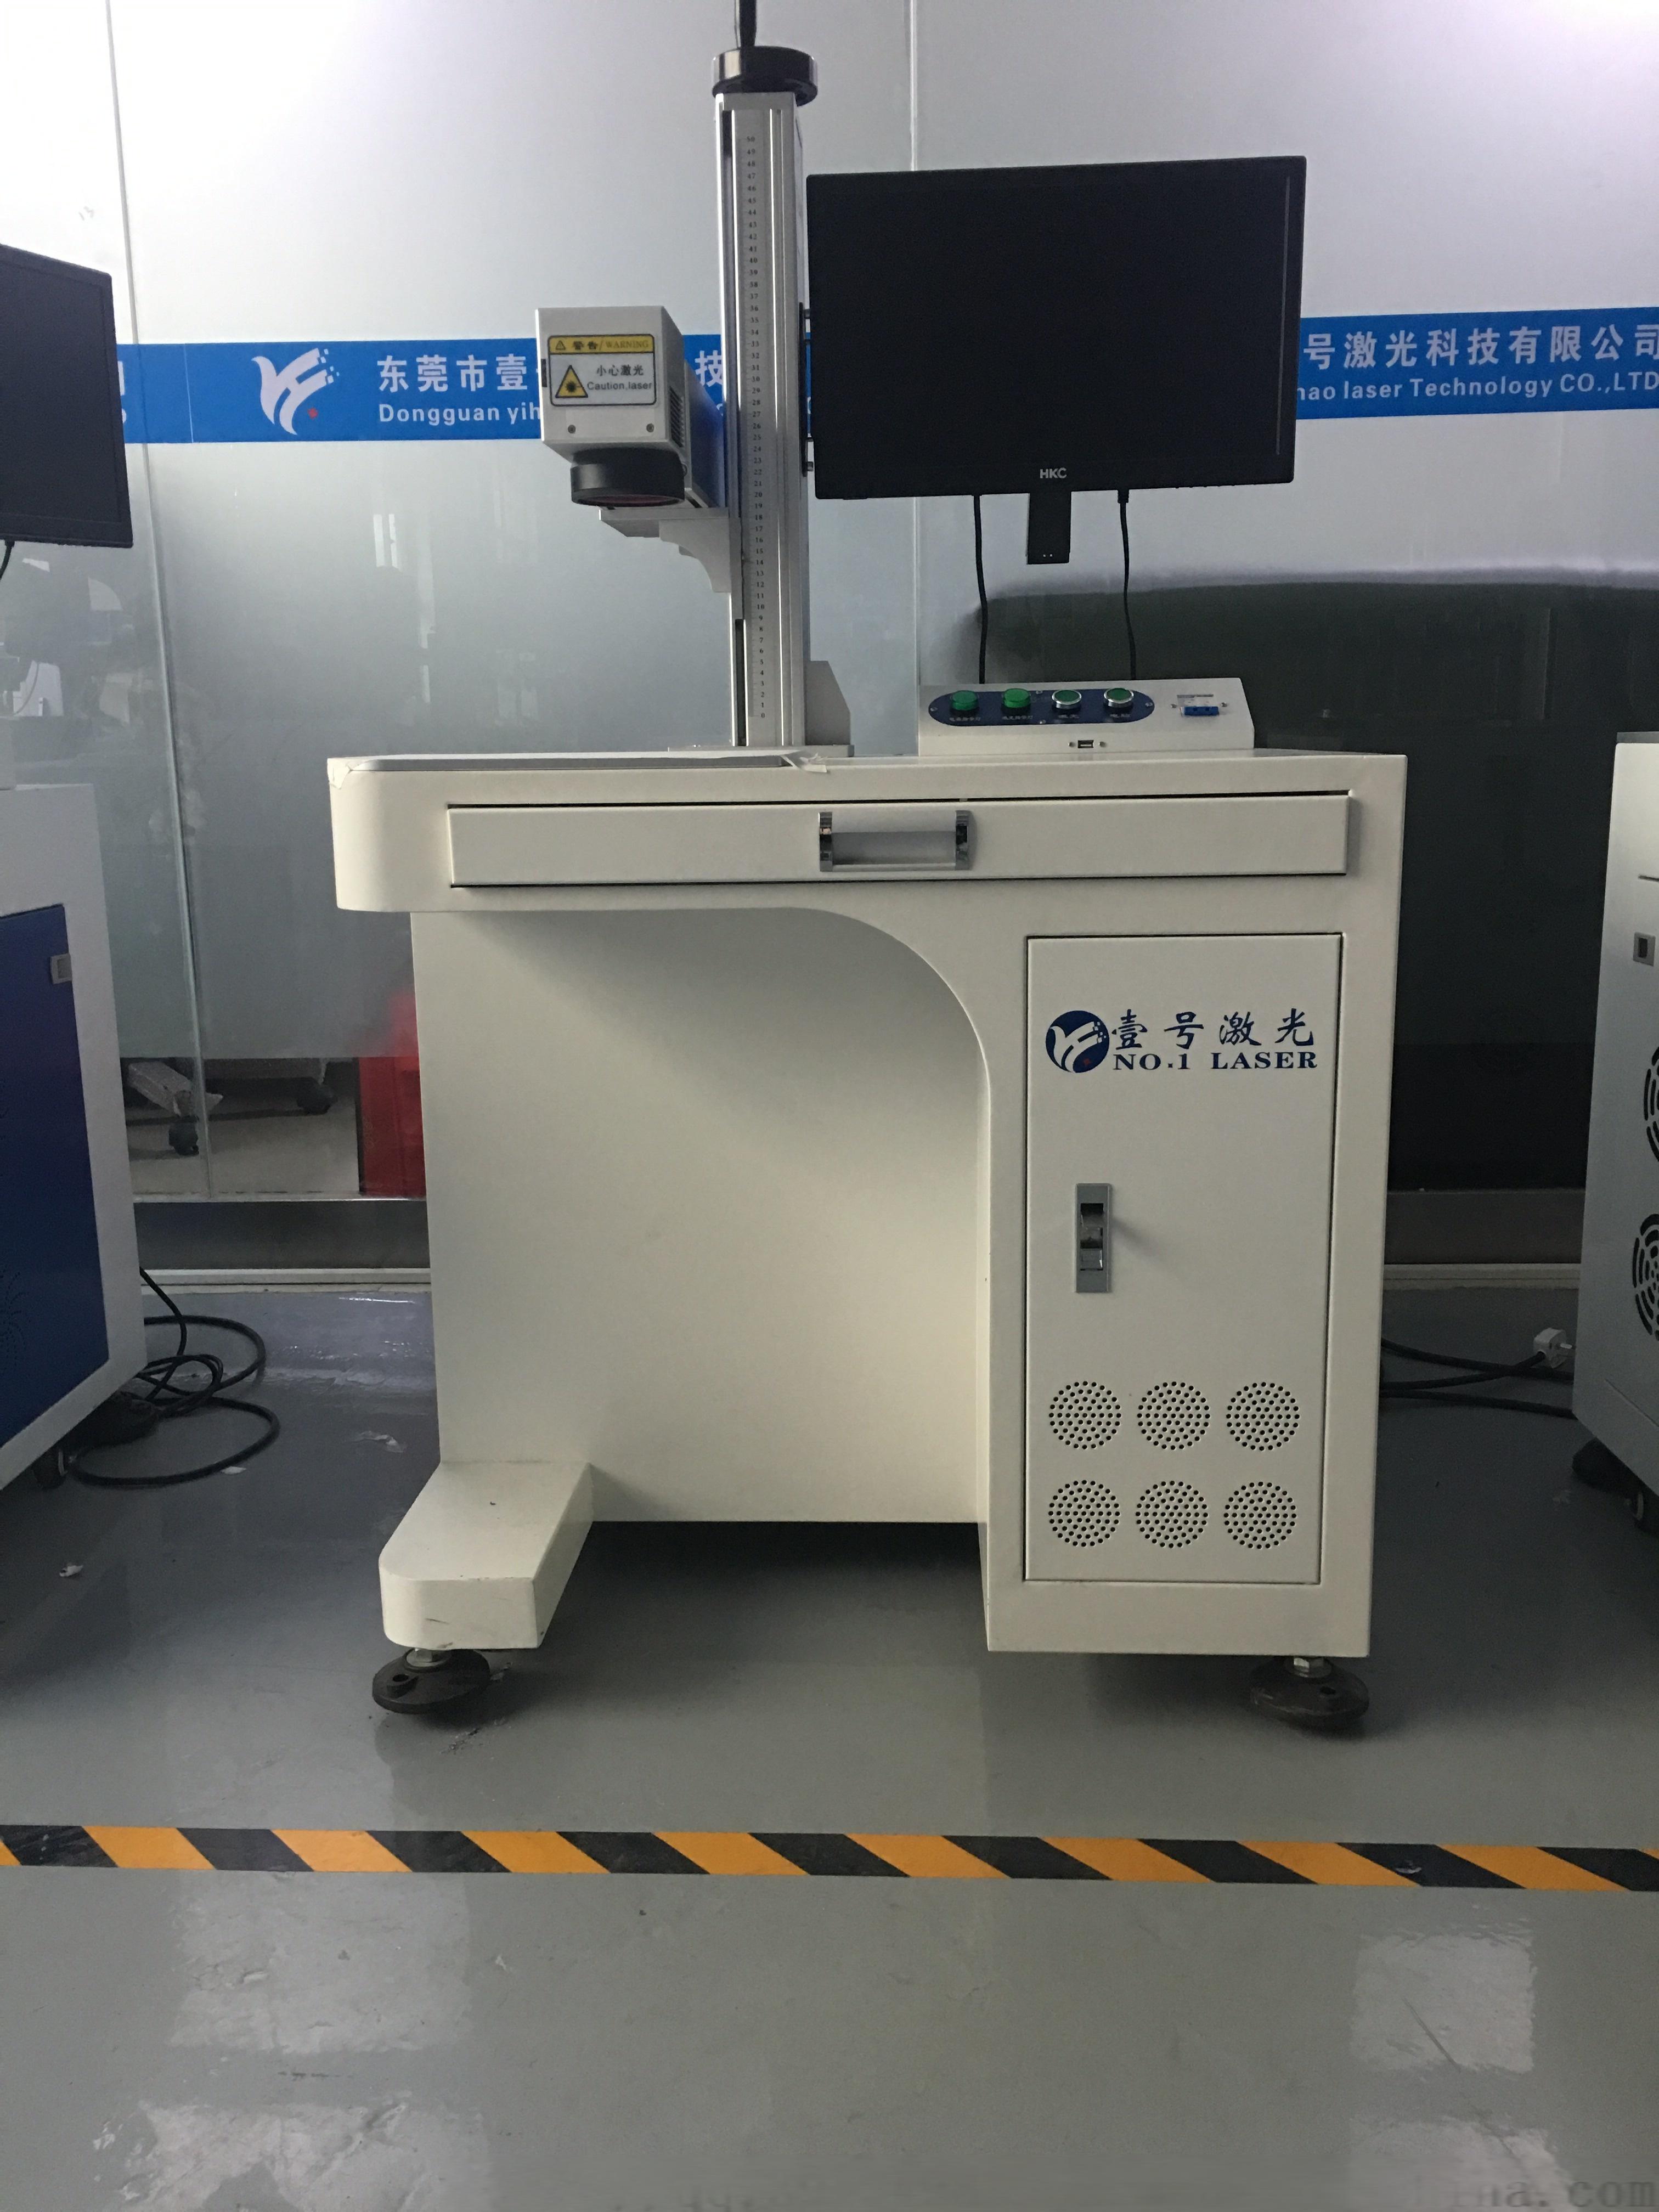 深圳罗湖区紫外激光打标机 厂家直销95579715